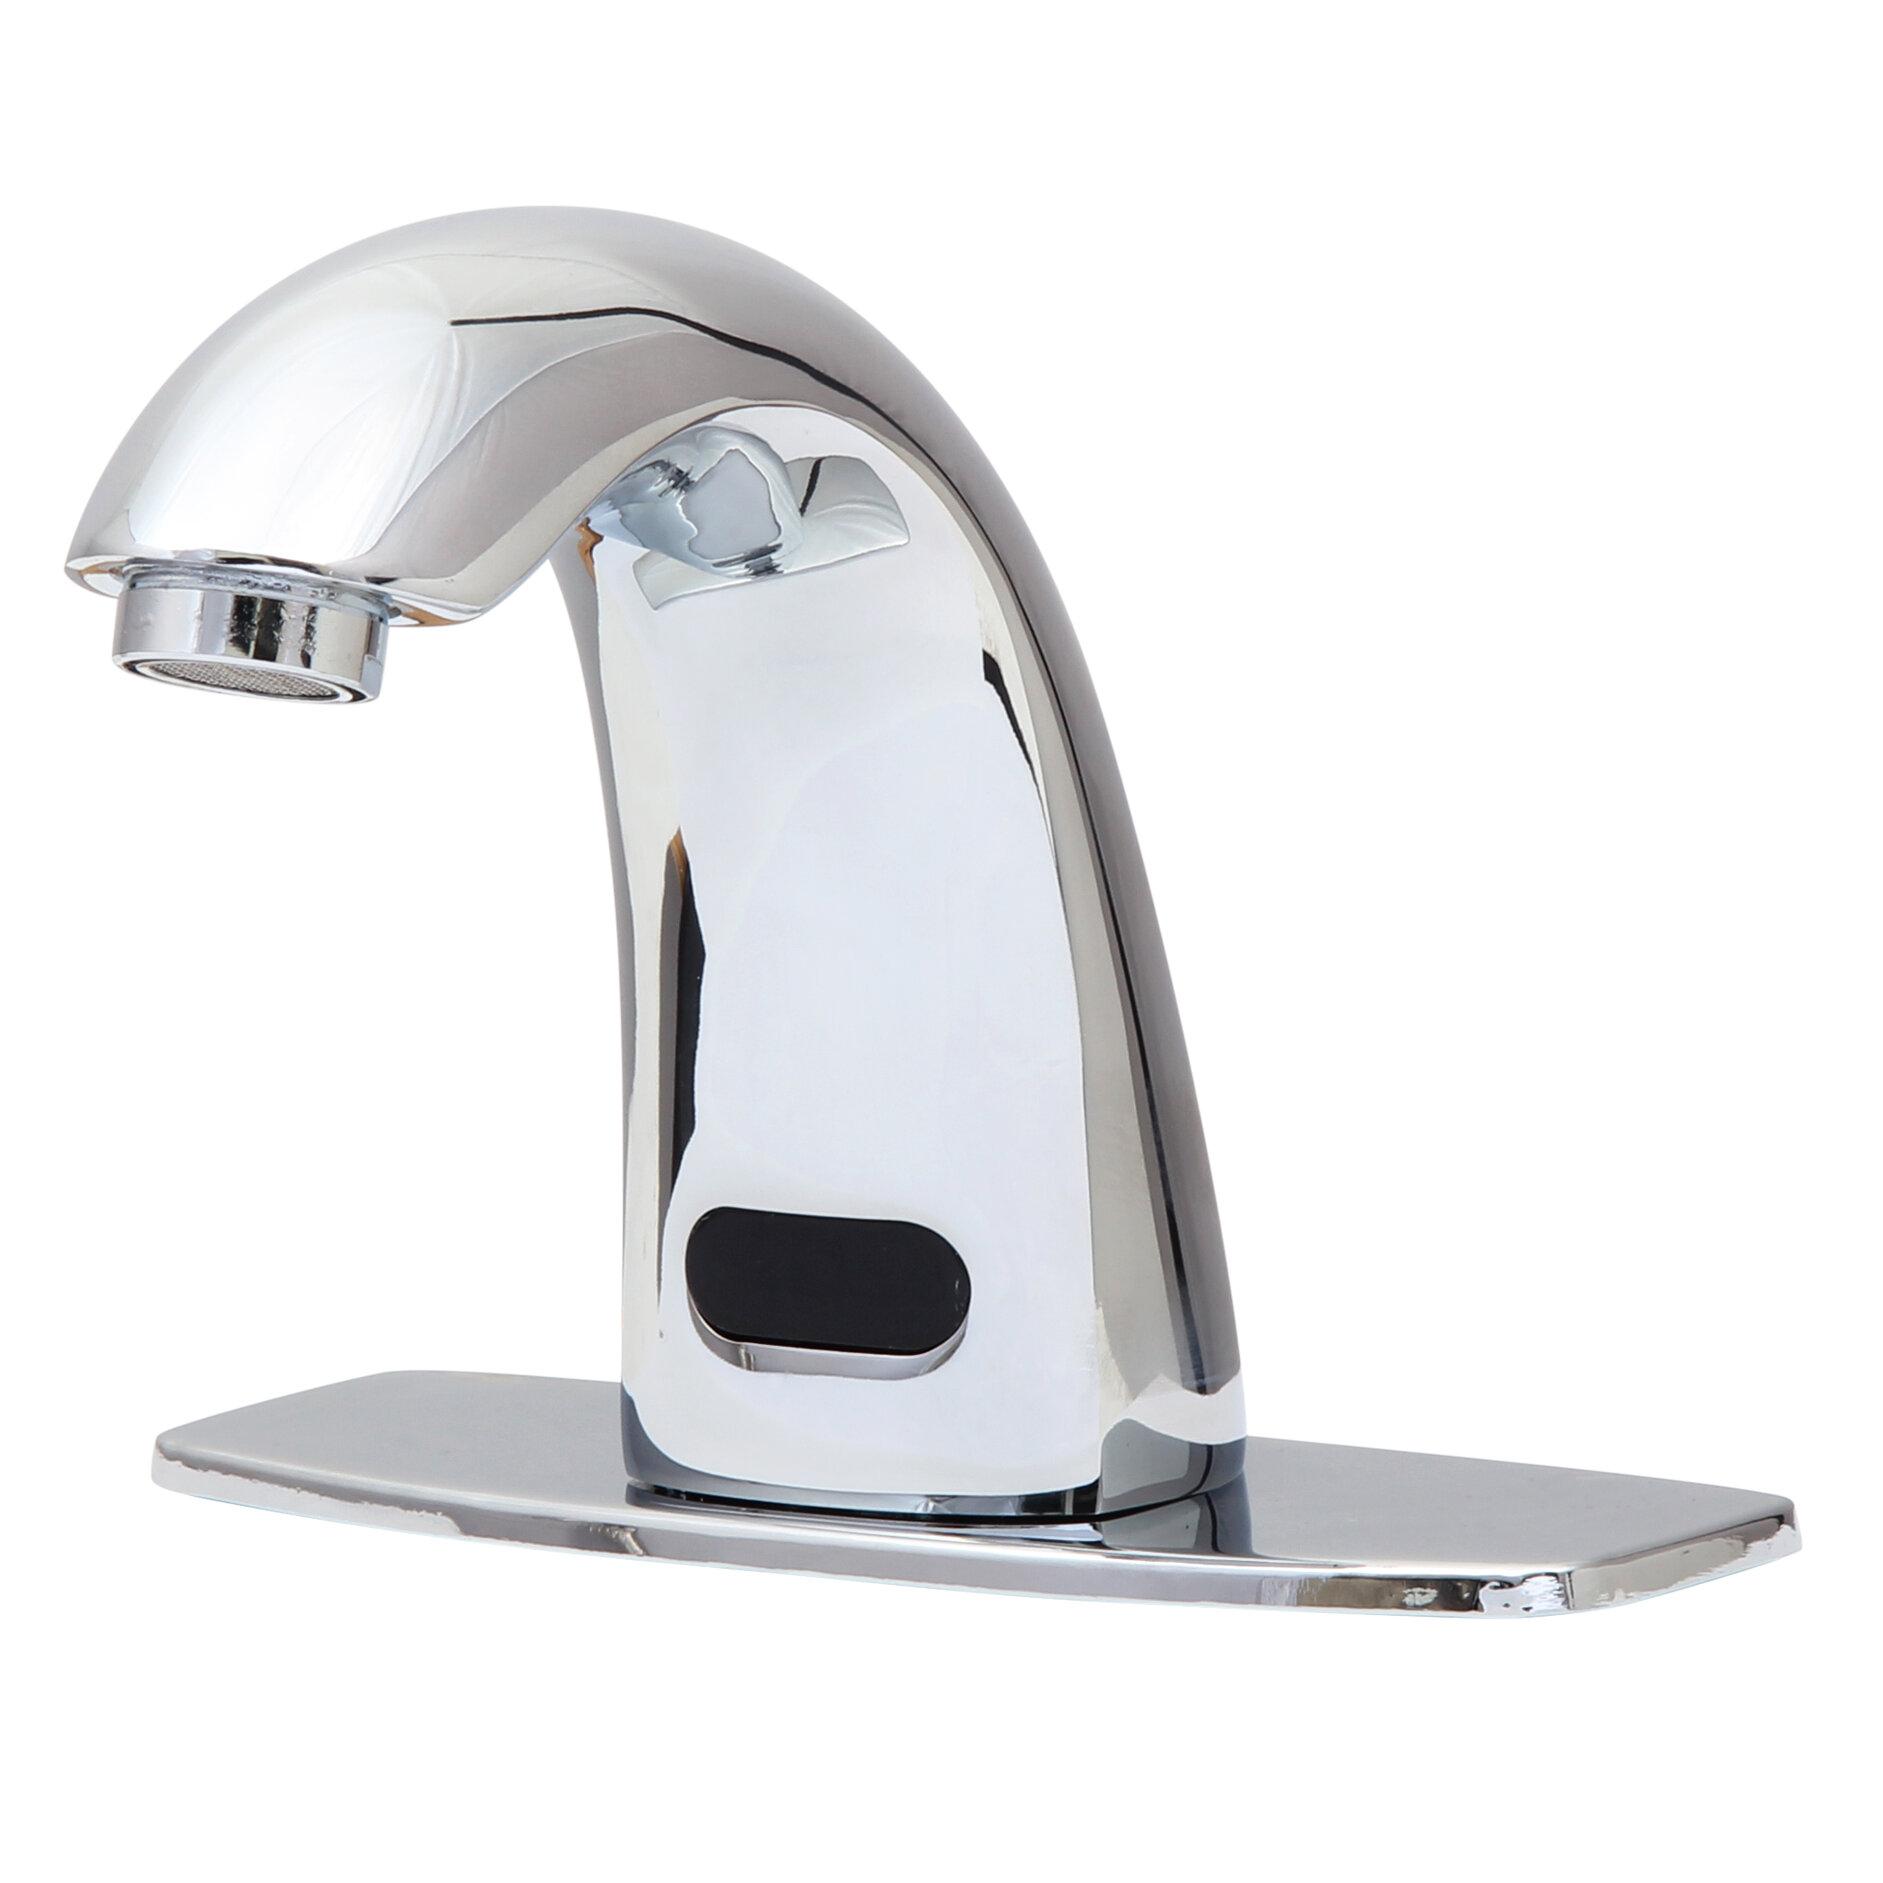 Dyconn Faucet Single Hole Electronic Faucet Less Handles & Reviews ...